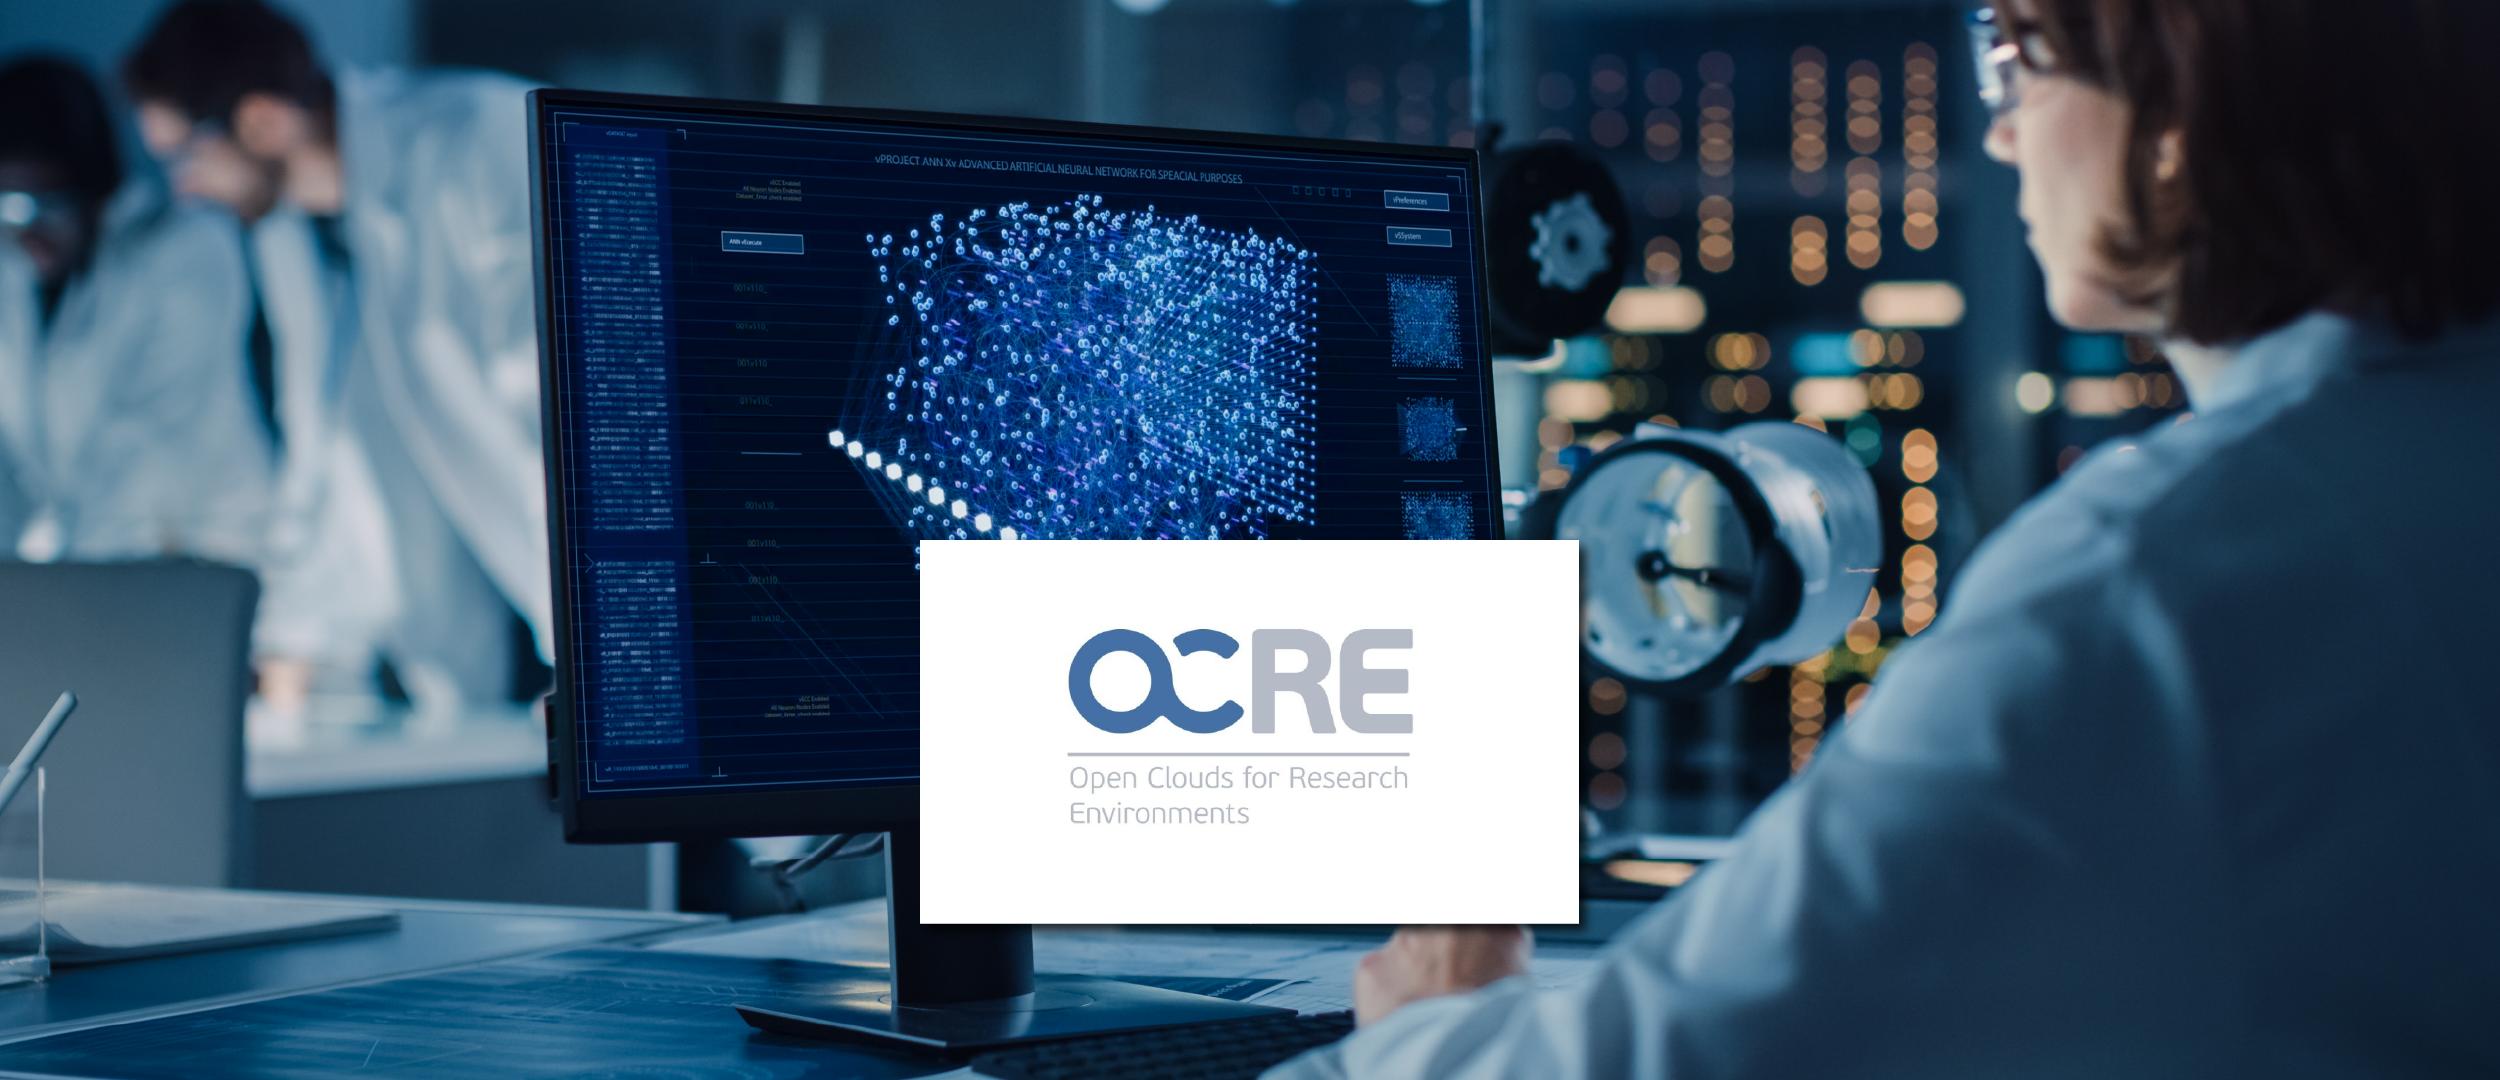 Proact qualifiziert sich als Anbieter von IT-Infrastrukturdienstleistungen für die europäische Forschungs- und Bildungsgemeinschaft